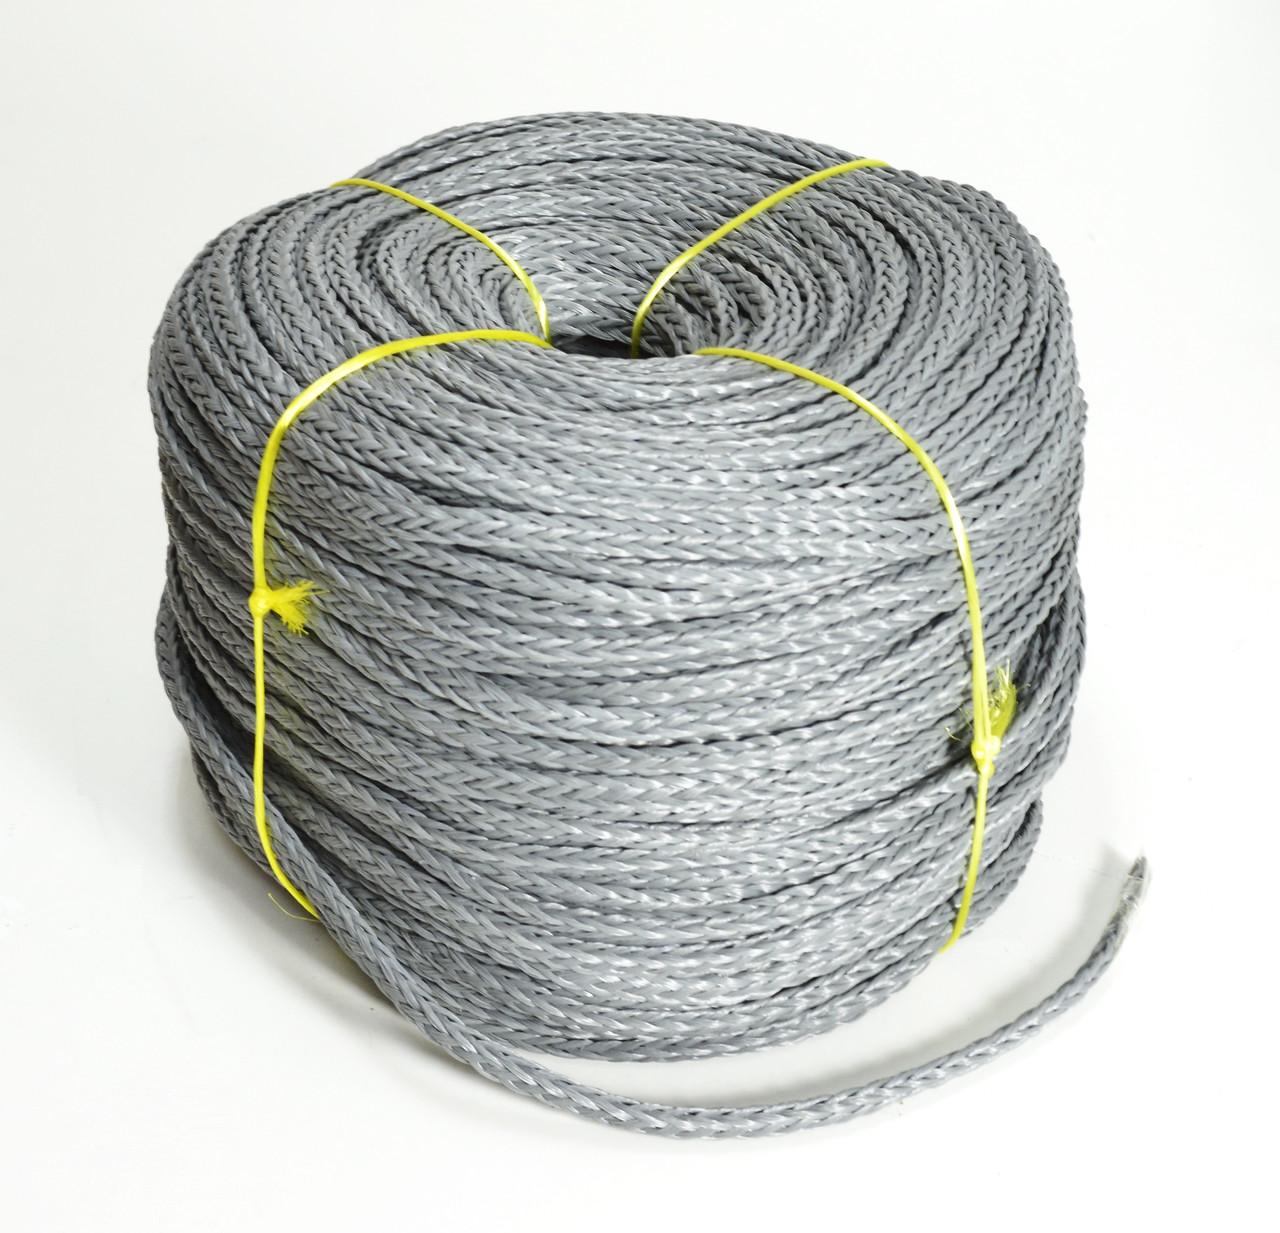 Веревка для швартовки нетонущая серая, 12мм, 200м